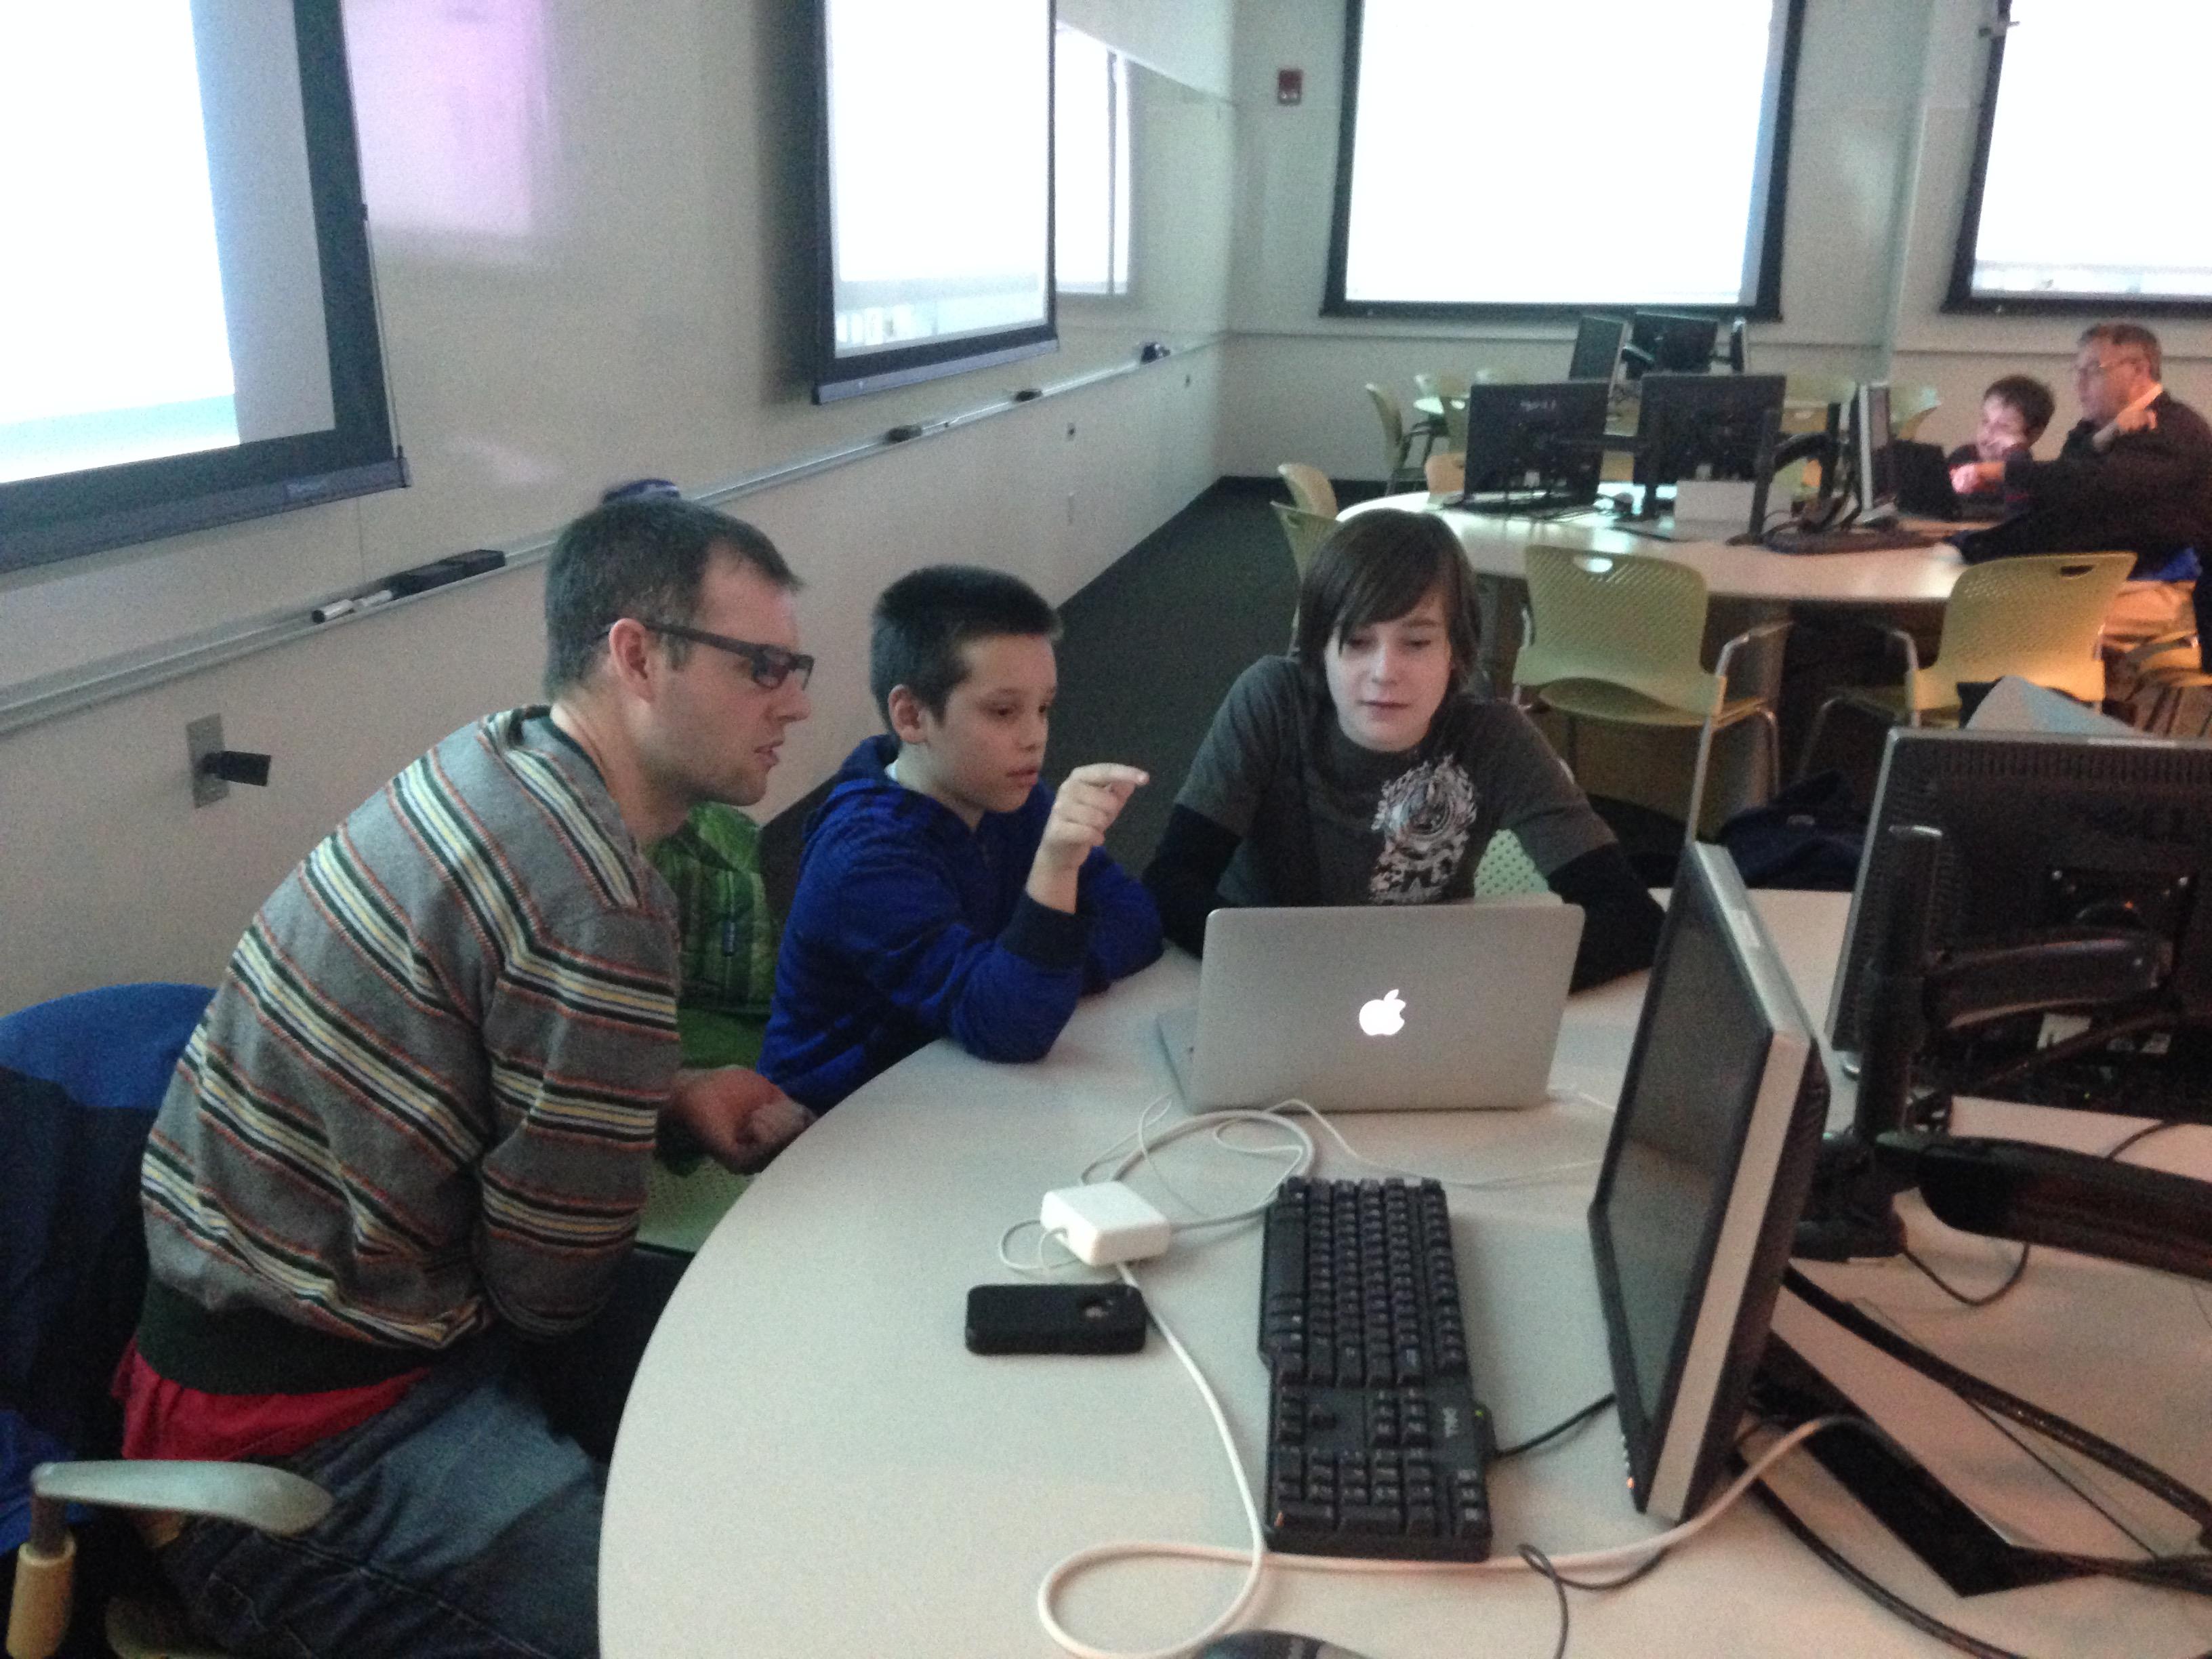 Live hackathon